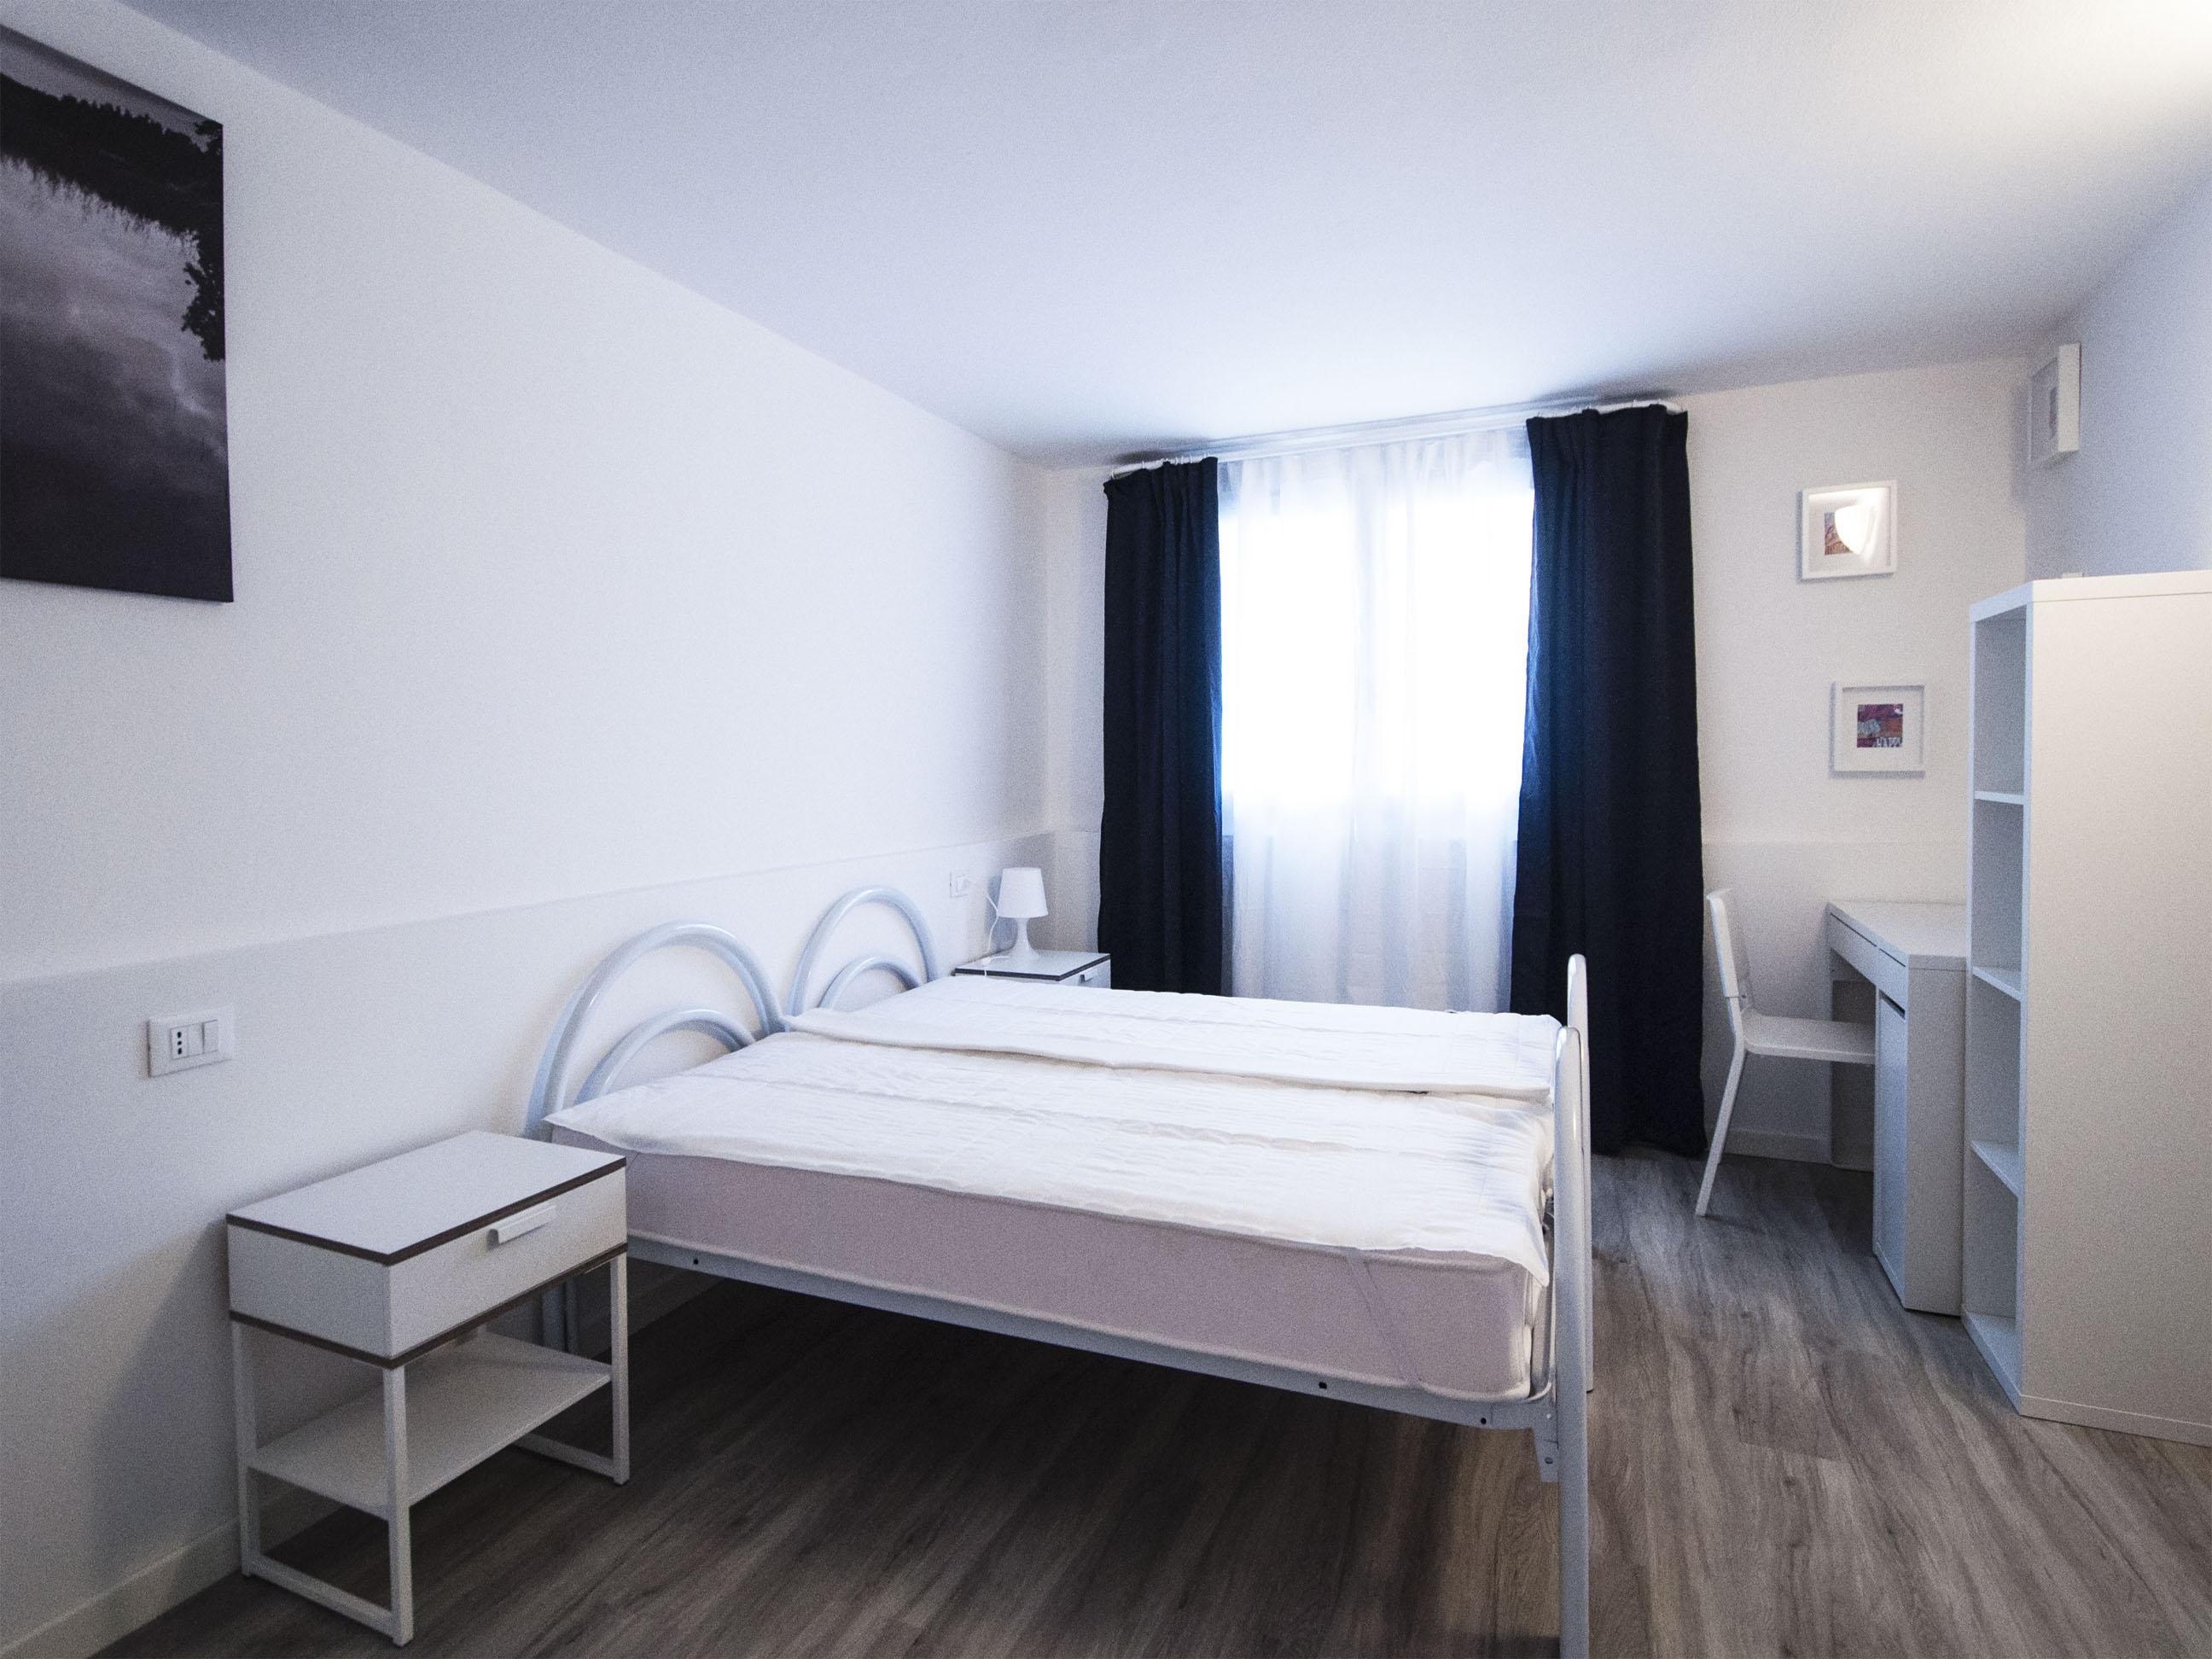 Treviso - Camere in Affitto - San Zeno - Studio Architettura Zanatta 10